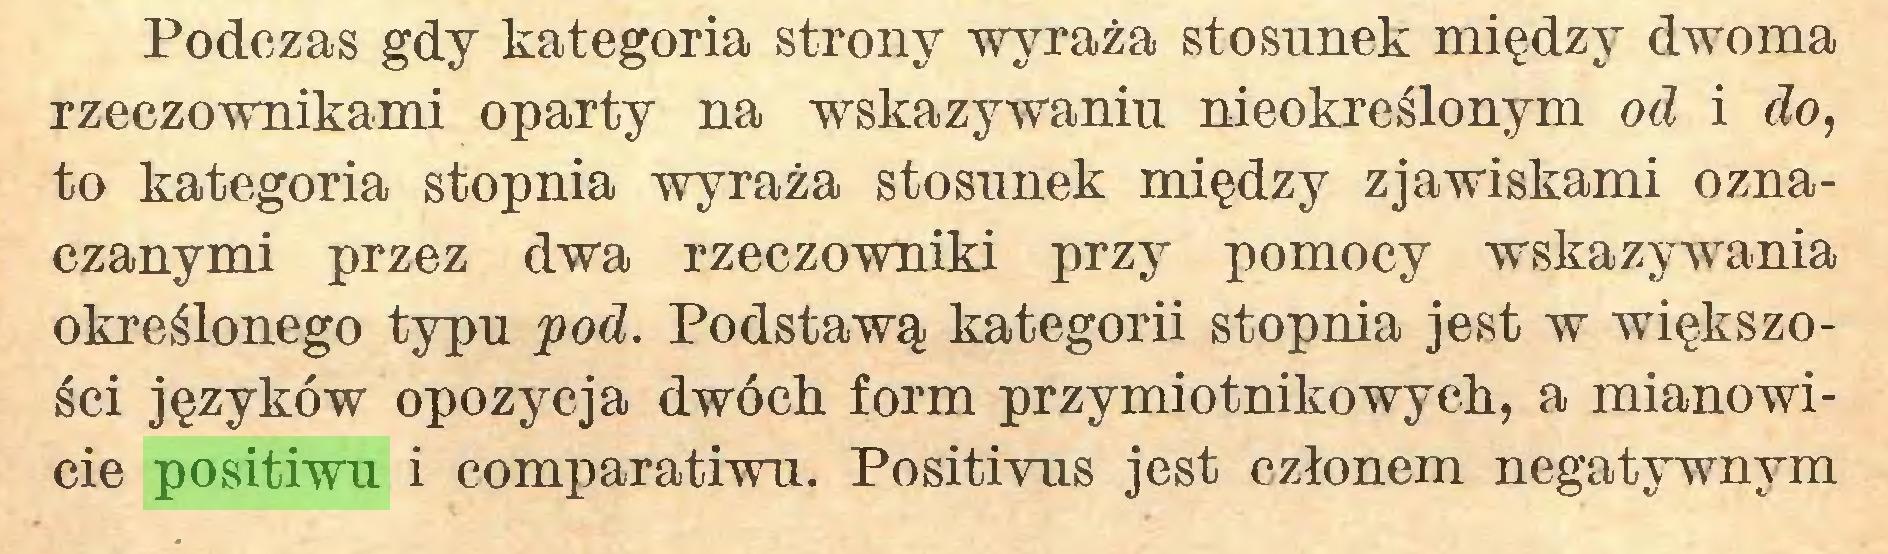 (...) Podczas gdy kategoria strony wyraża stosunek między dwoma rzeczownikami oparty na wskazywaniu nieokreślonym od i do, to kategoria stopnia wyraża stosunek między zjawiskami oznaczanymi przez dwa rzeczowniki przy pomocy wskazywania określonego typu pod. Podstawą kategorii stopnia jest w większości języków opozycja dwóch form przymiotnikowych, a mianowicie positiwu i comparatiwu. Positivus jest członem negatywnym...